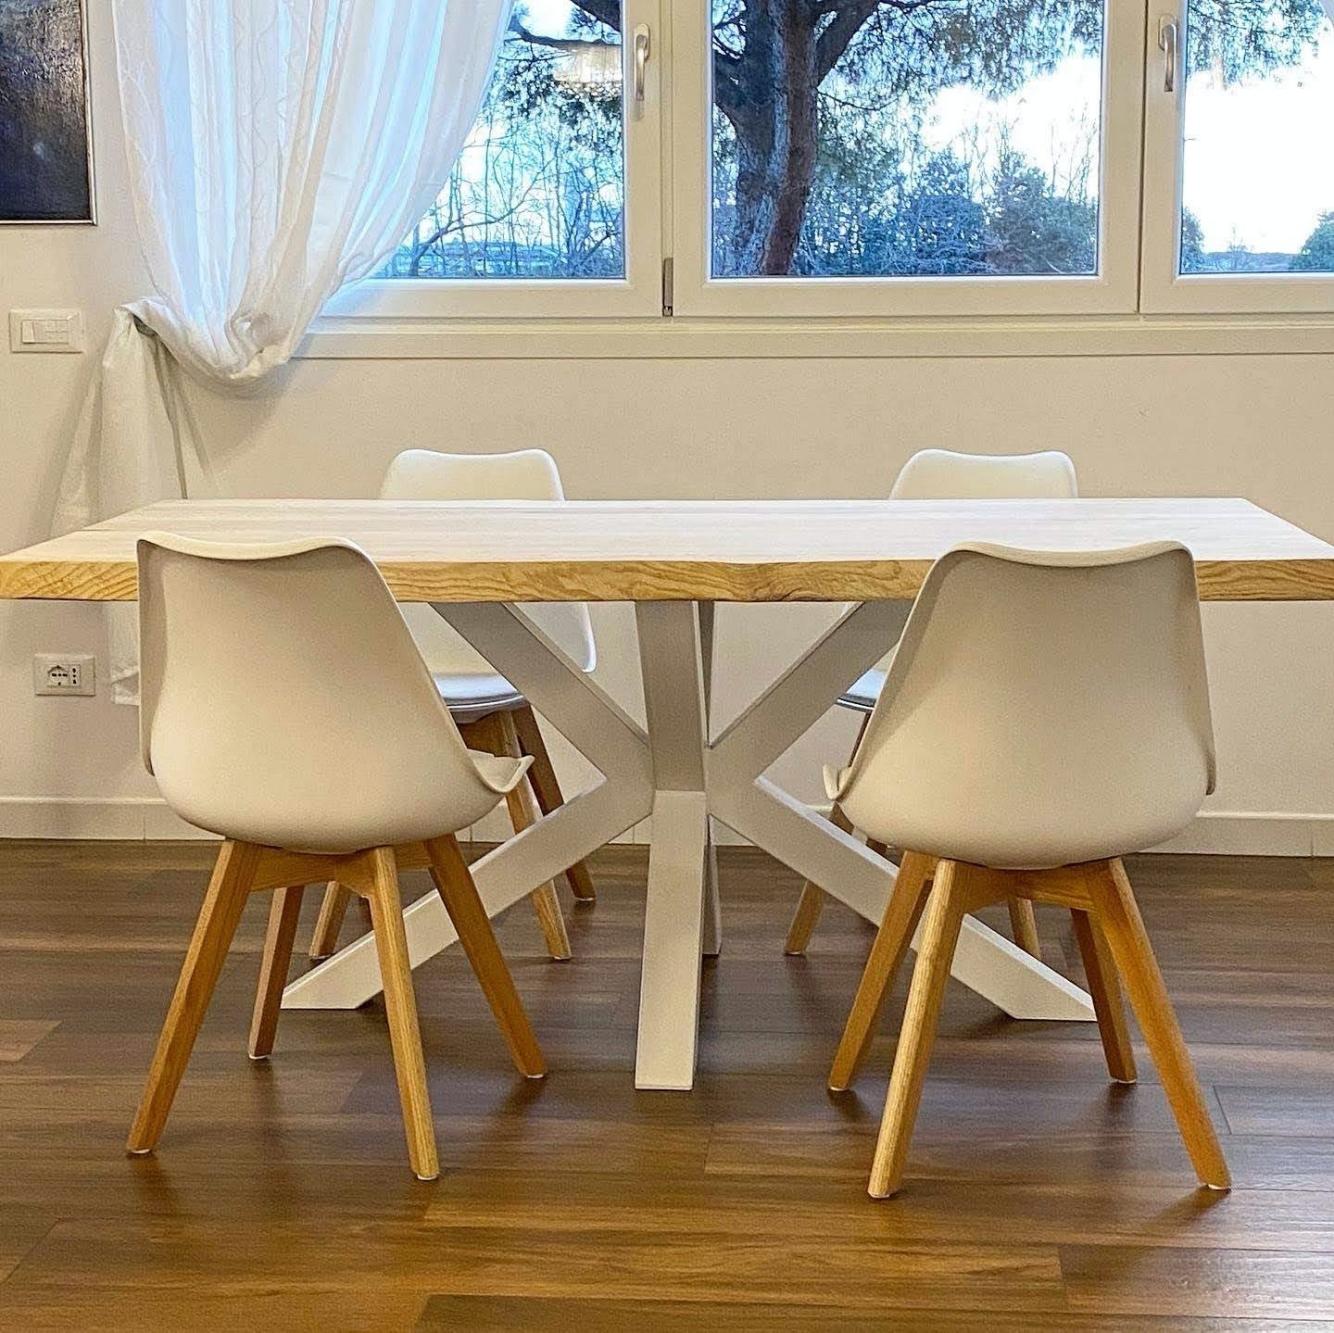 Bakaji tavolo sala da pranzo cucina forma rettangolare design moderno in legno mdf finitura in melammina dimensione 120 x 80 x 74 cm arredamento casa (acero). Tavolo Legno Massello Moderno Con Gamba Stella Bianca Lola 180x90 Xlab Design